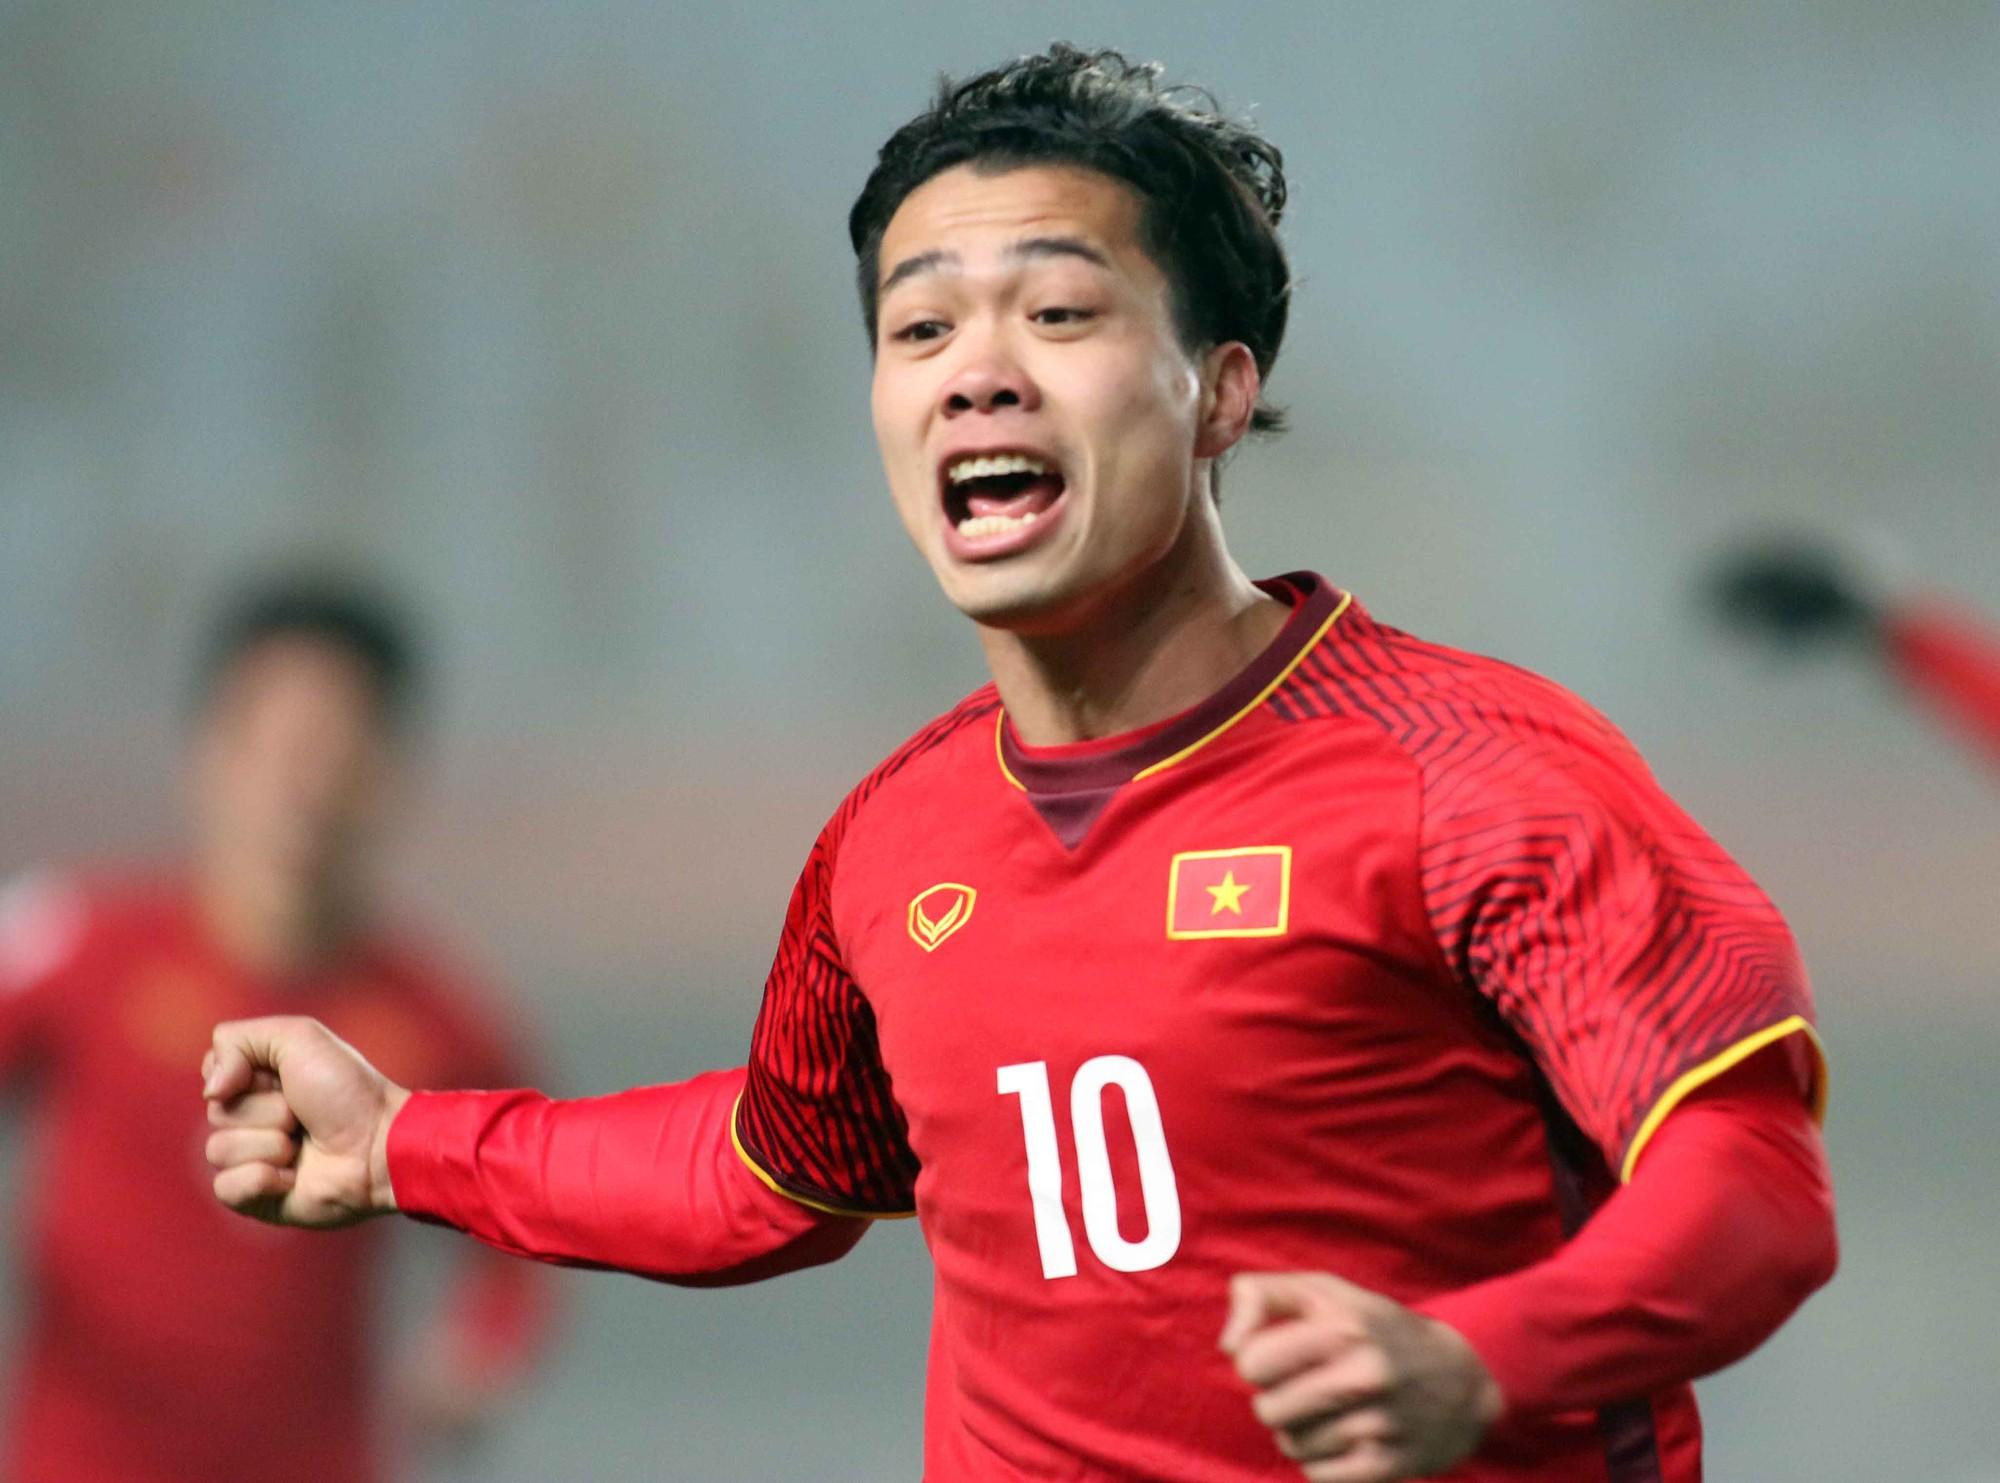 Hình ảnh: Công Phượng đang phải hy sinh vì lối chơi chung của U23 Việt Nam.